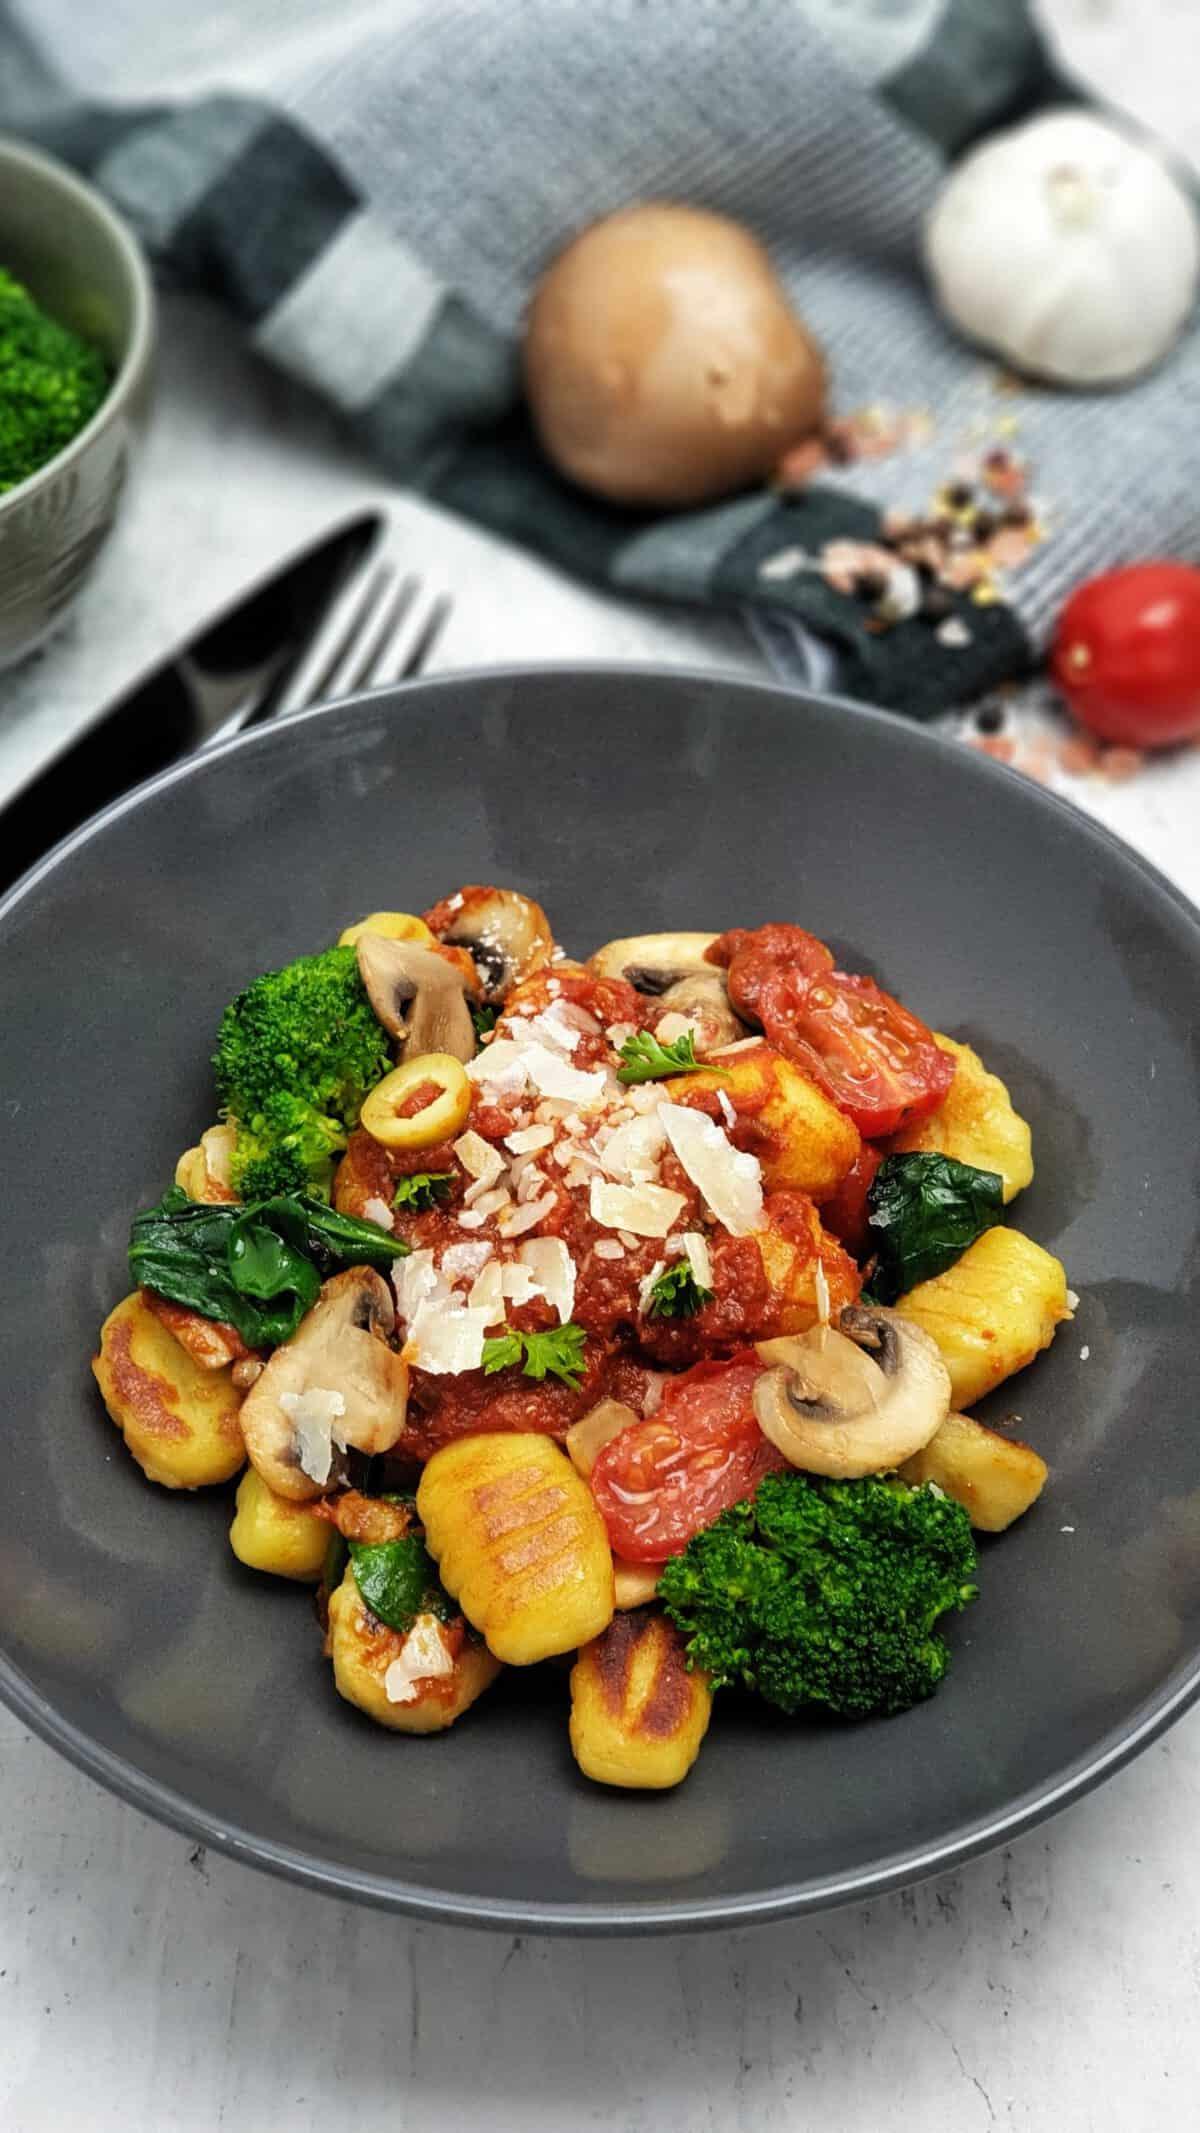 Gnocchi mit Tomatensoße und Gemüse in einer grauen Schale angerichtet.